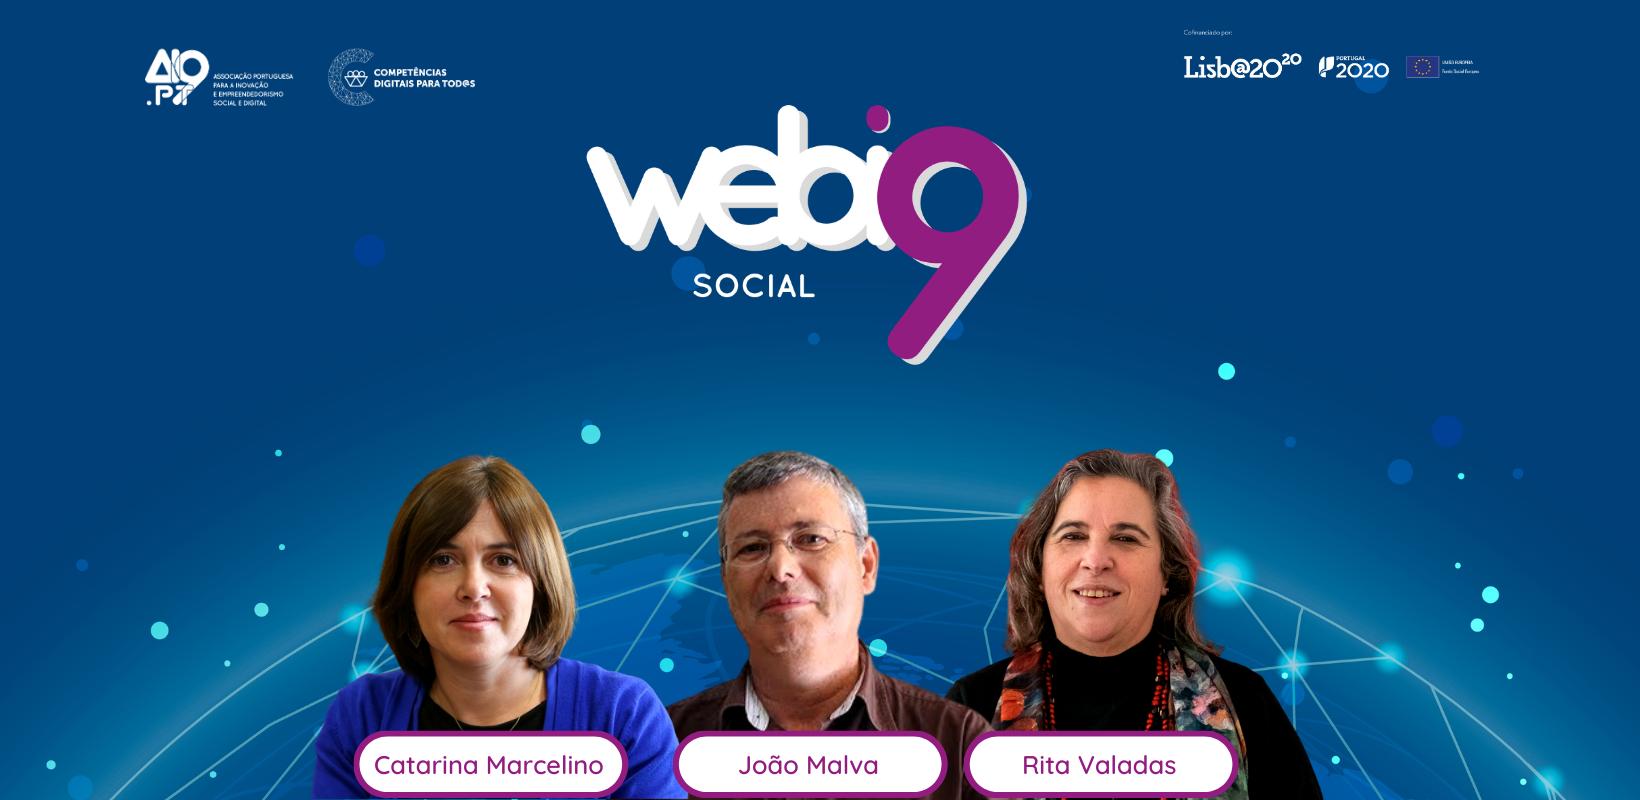 Webi9 Social